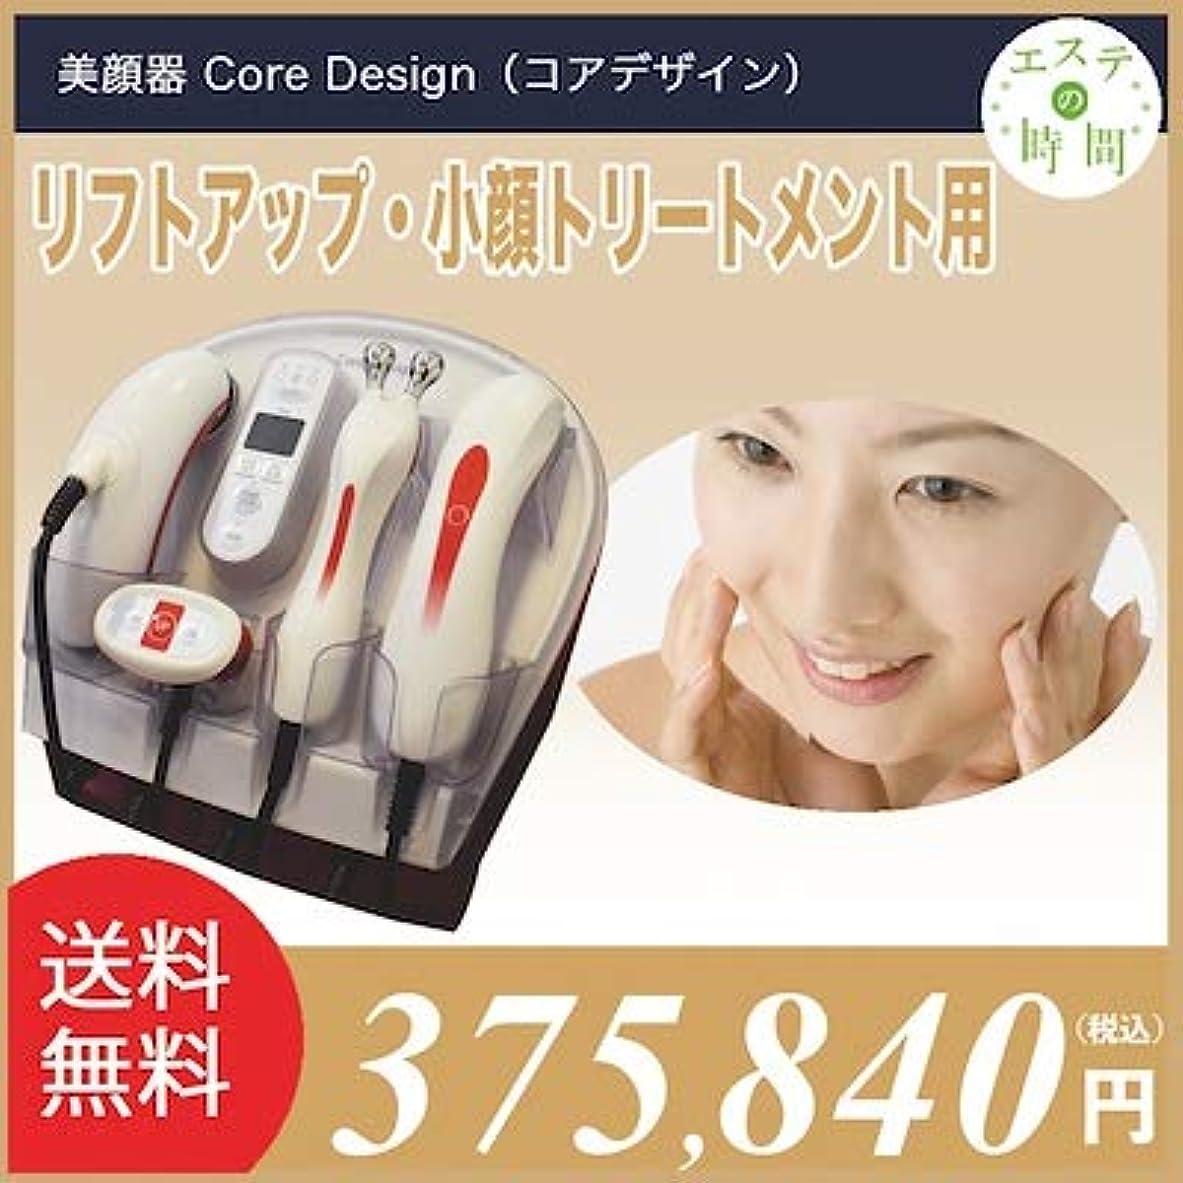 委任する威する雨日本製 エステ業務用 美顔器 Core Design (コアデザイン)/ 全国どこでも無償納品研修付